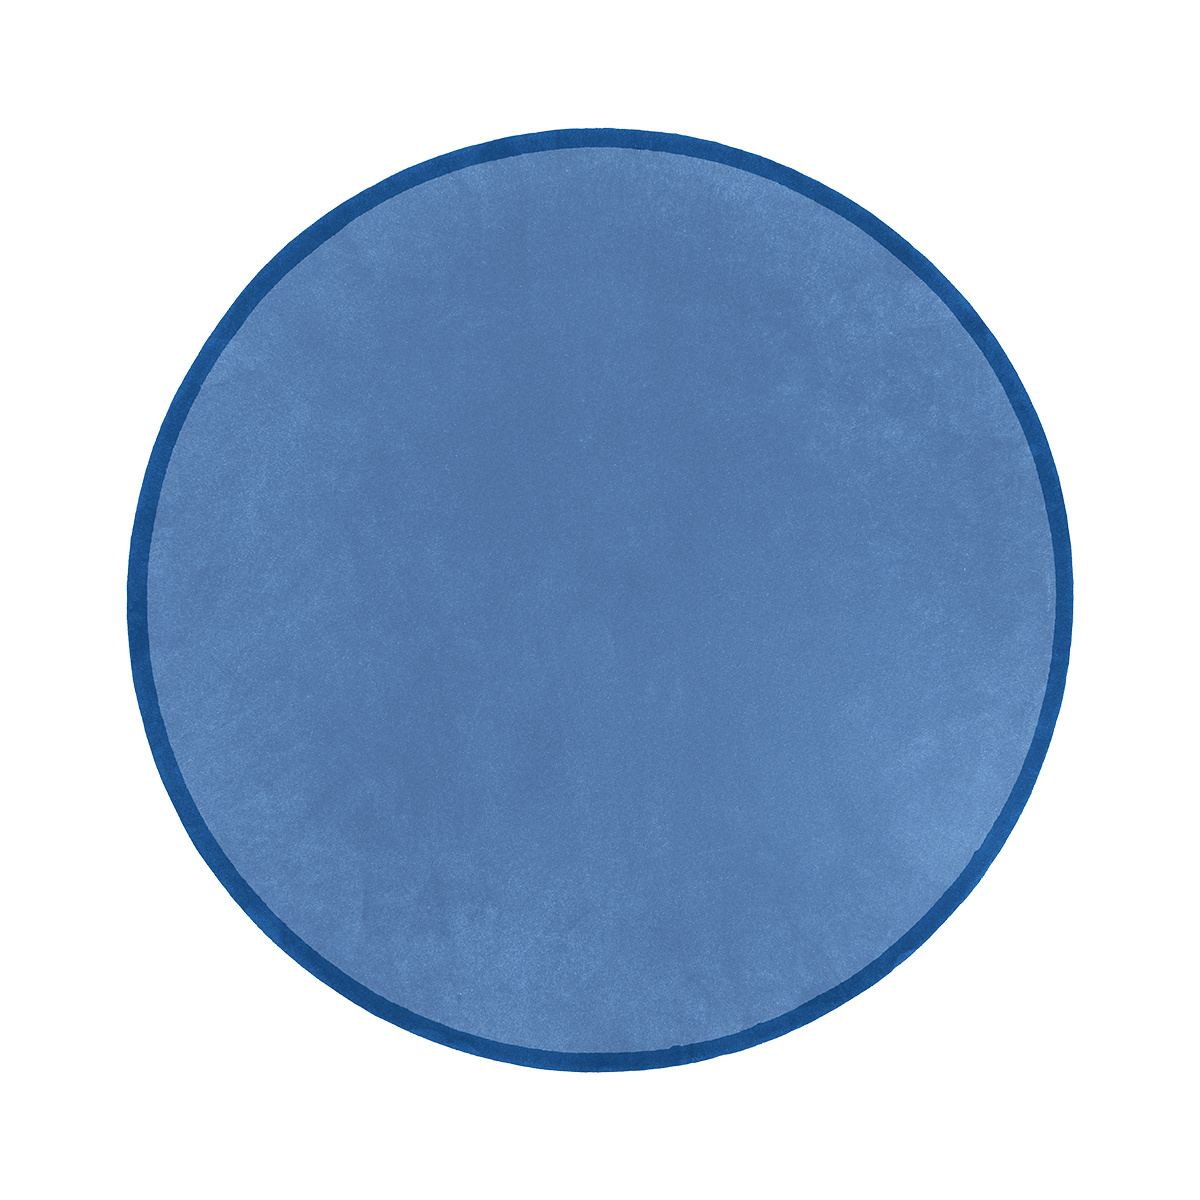 Luna Blue Round Rug